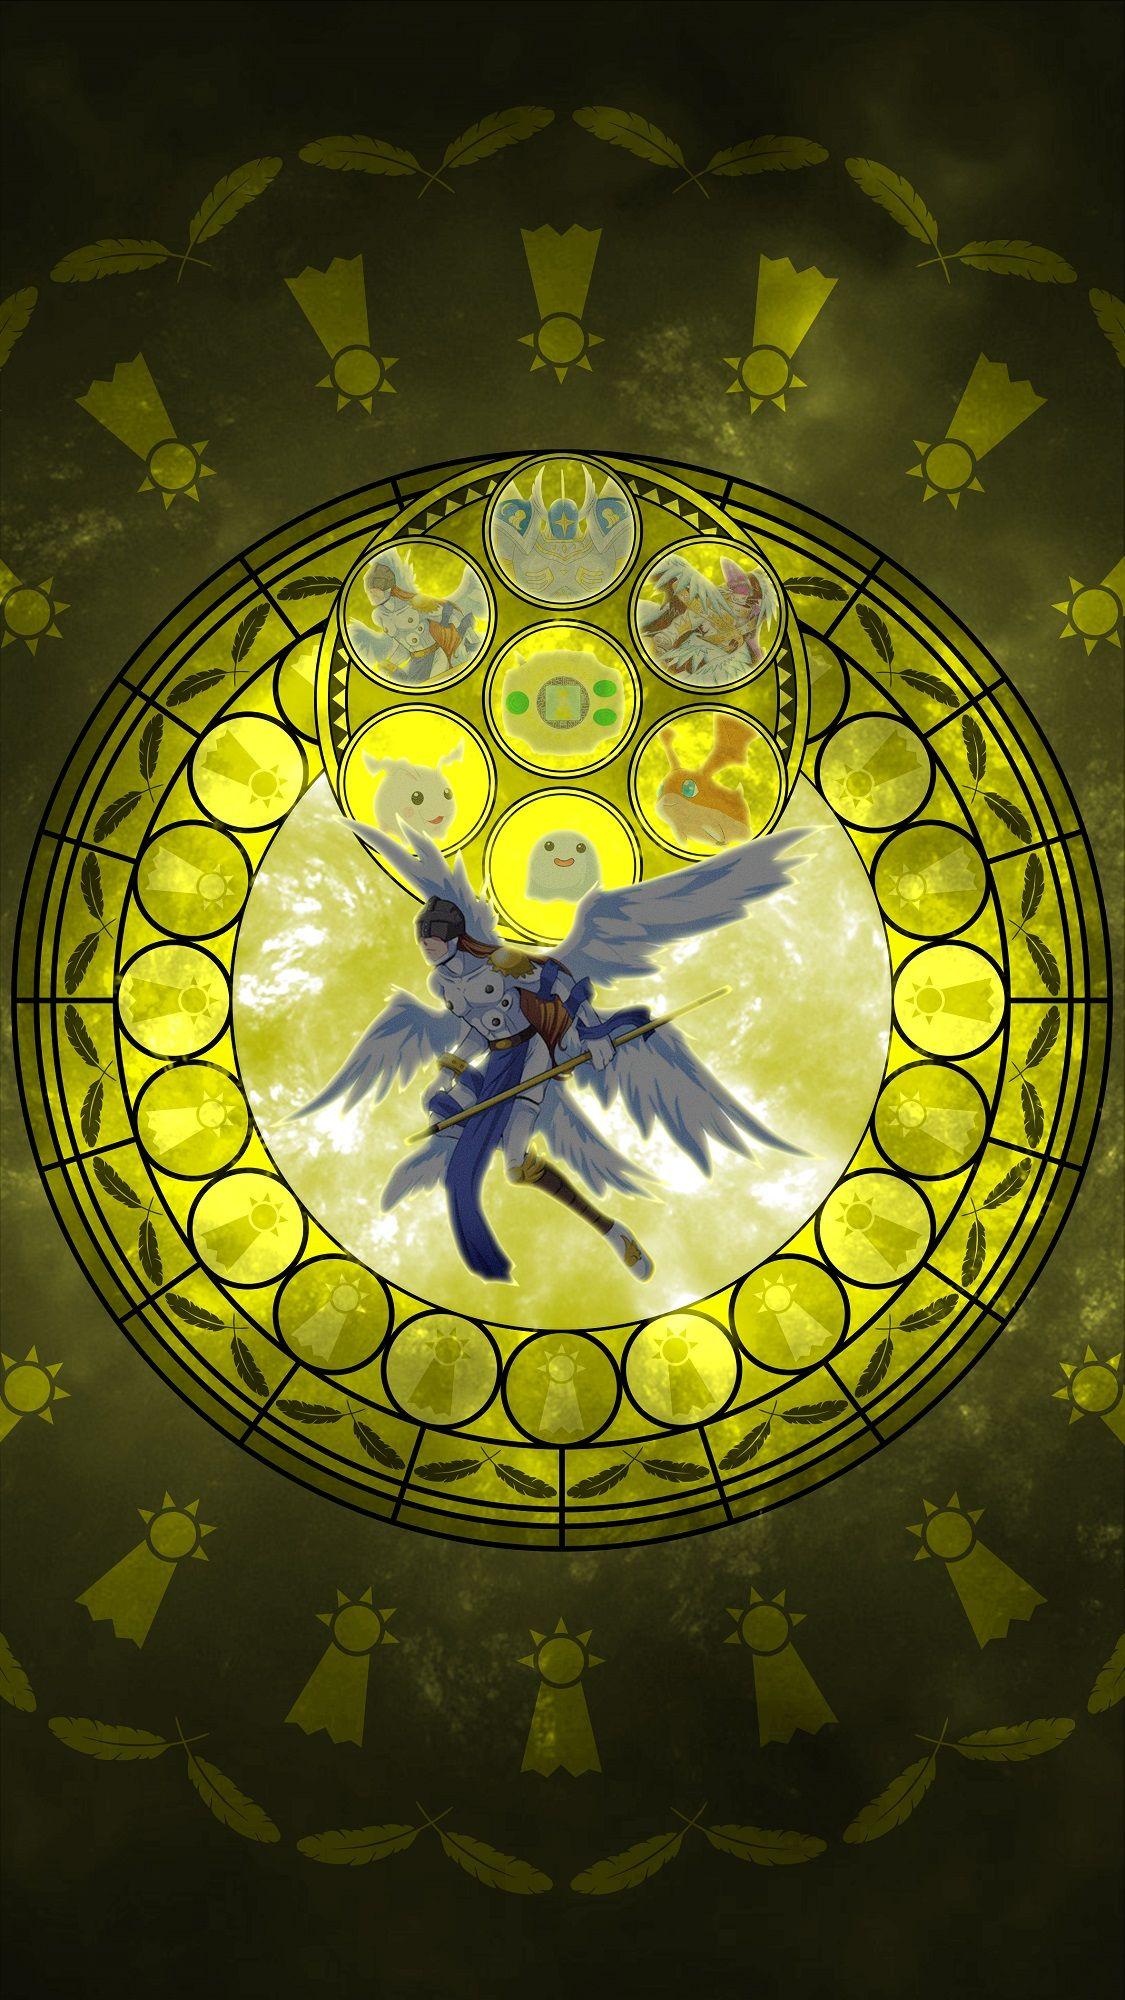 Angemon Evolution Line Kingdom Hearts Crest Of Hope